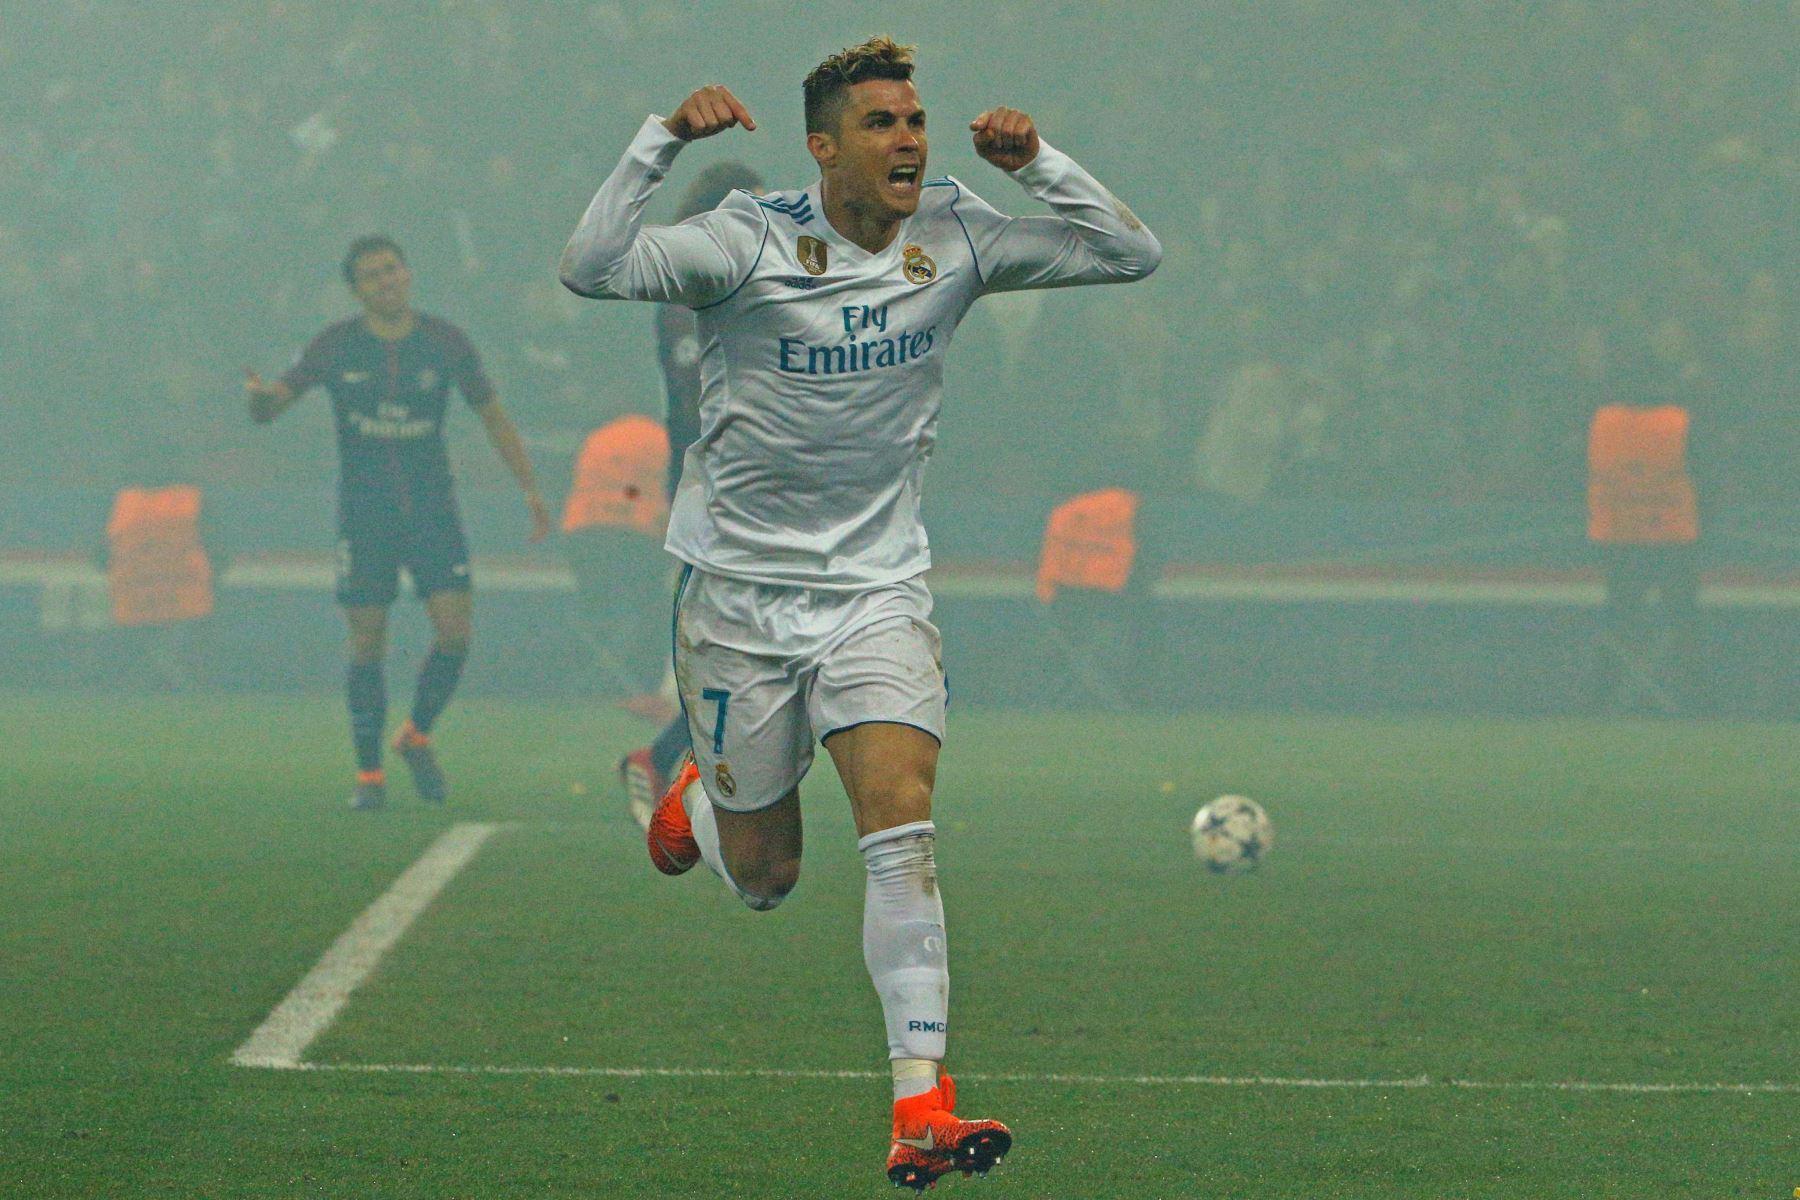 El delantero portugués del Real Madrid Cristiano Ronaldo  celebra su gol ante el Paris Saint-Germain. Foto: AFP